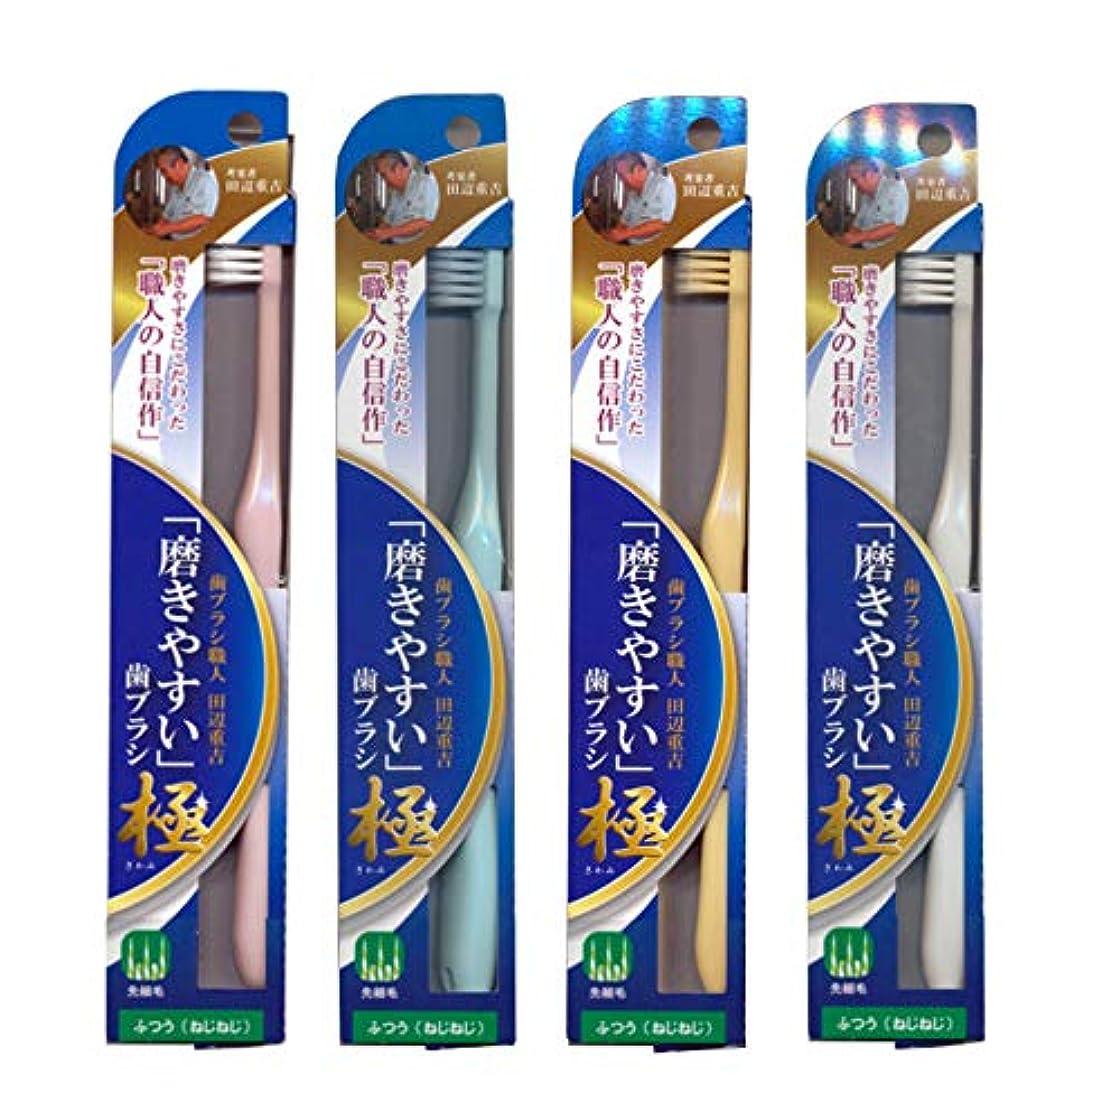 距離ホステルこれまで磨きやすい歯ブラシ極 (ふつう ねじねじ) LT-45×4本セット(ピンク×1、ブルー×1、ホワイト×1、イエロー×1) 先細毛